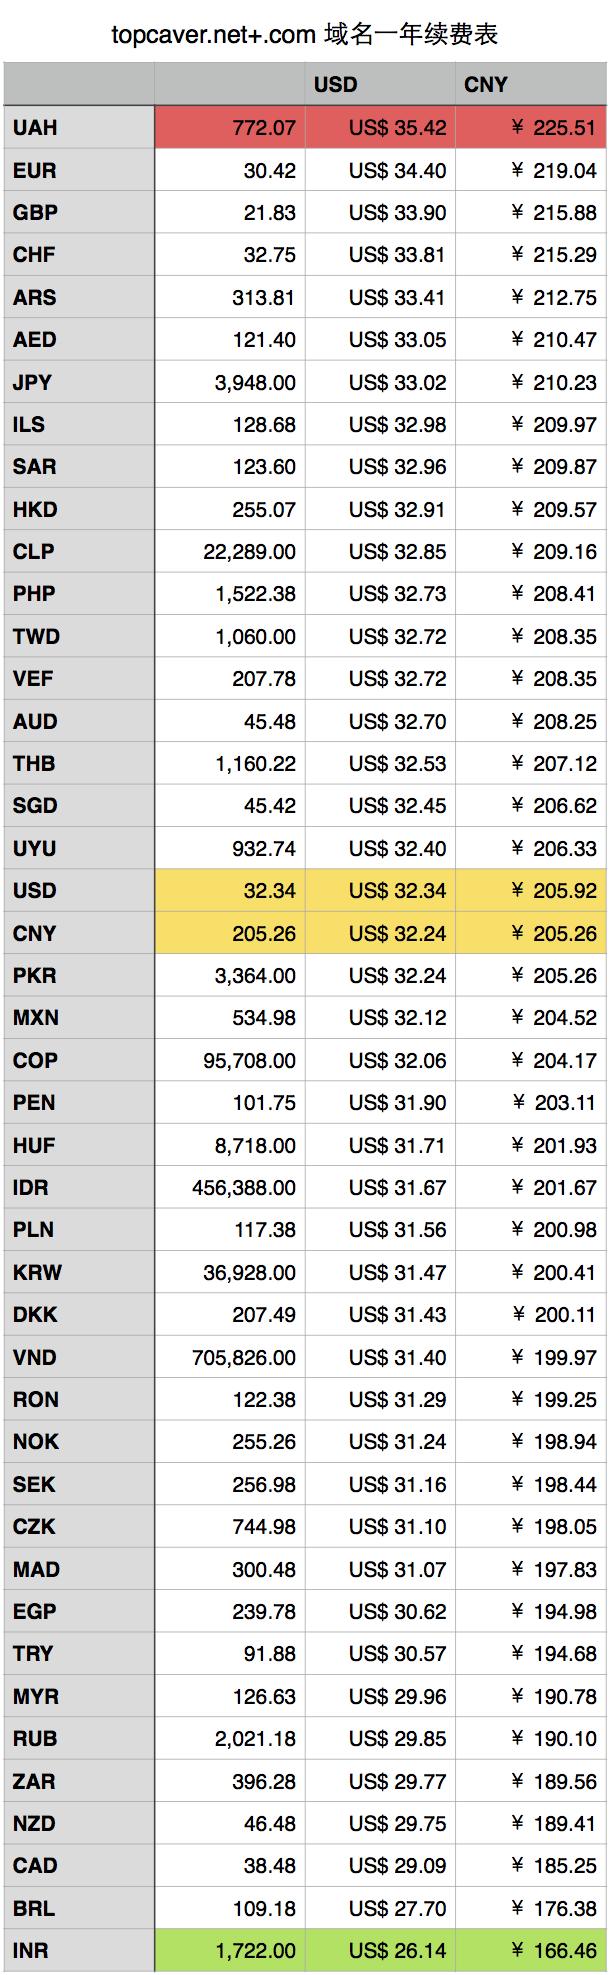 在Godaddy消费,使用哪种货币最合适?